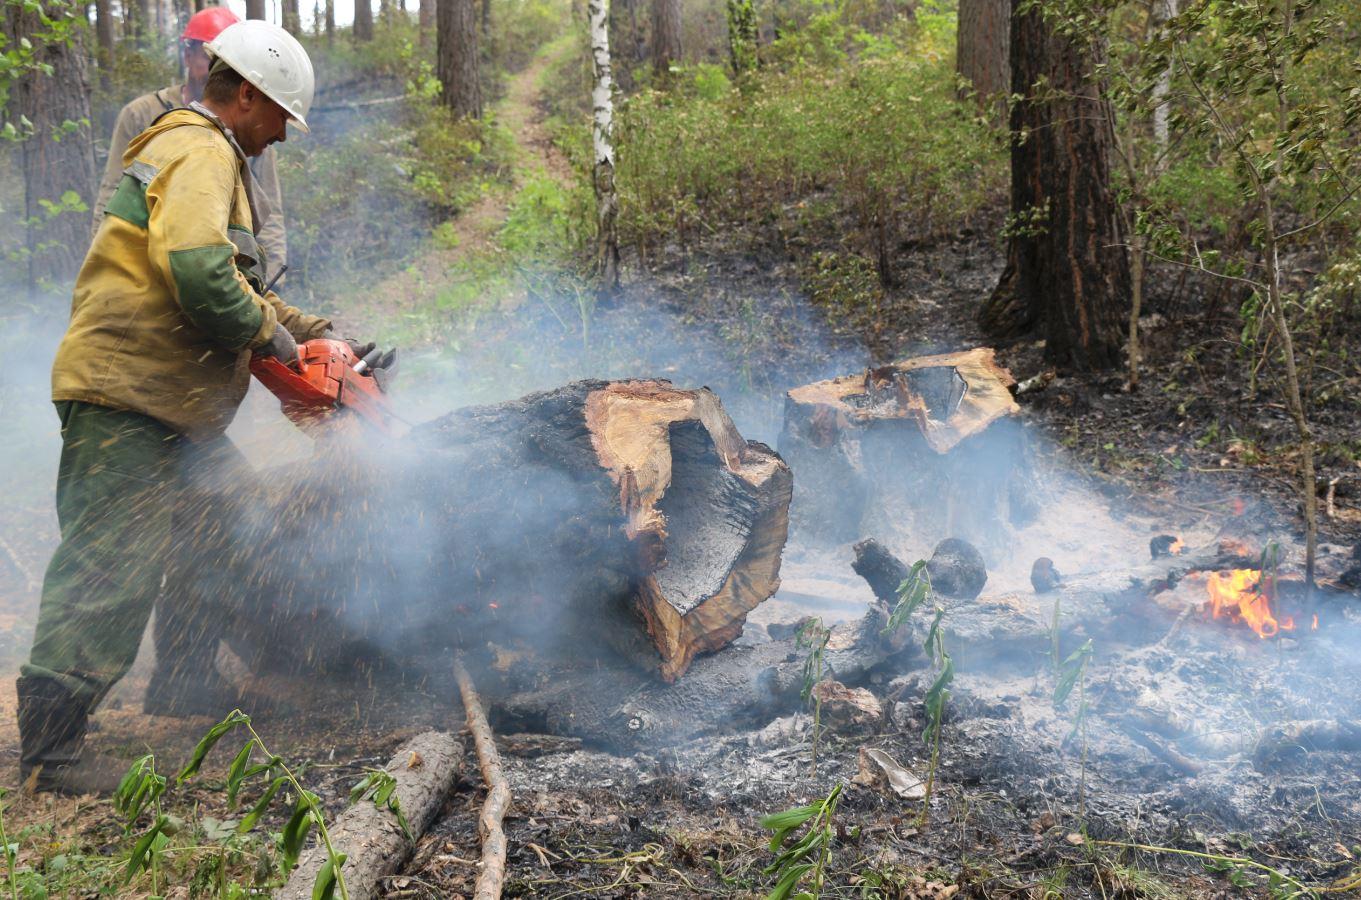 Правительством РФ утверждены нормативы обеспеченности регионов лесопожарными формированиями, пожарной техникой и оборудованием